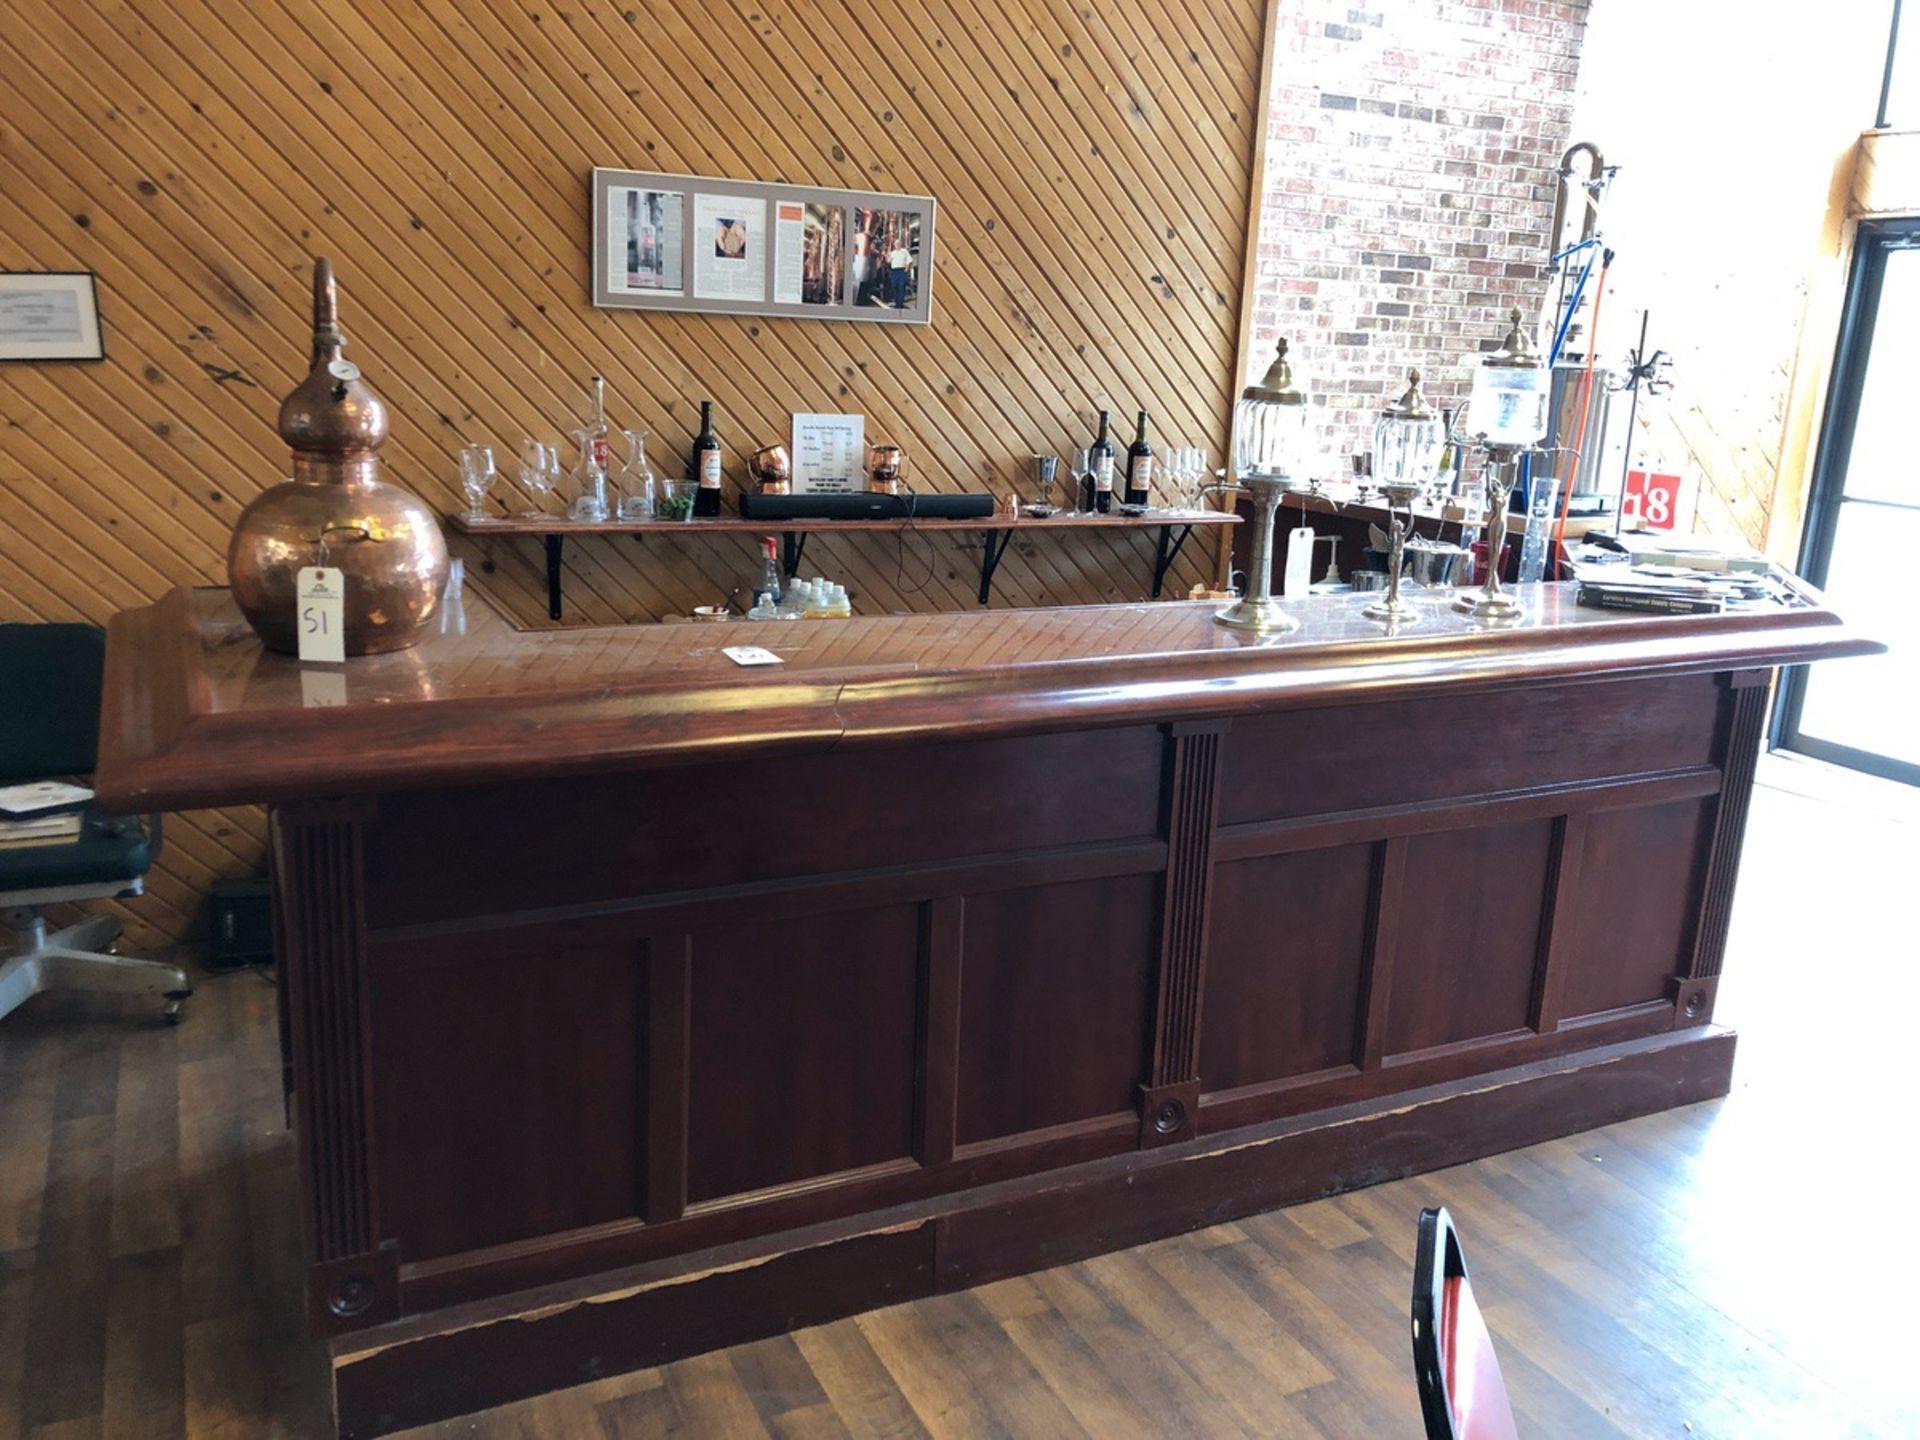 Lot 50 - Wooden Bar, Custom (No Contents) | Rig Fee: $700